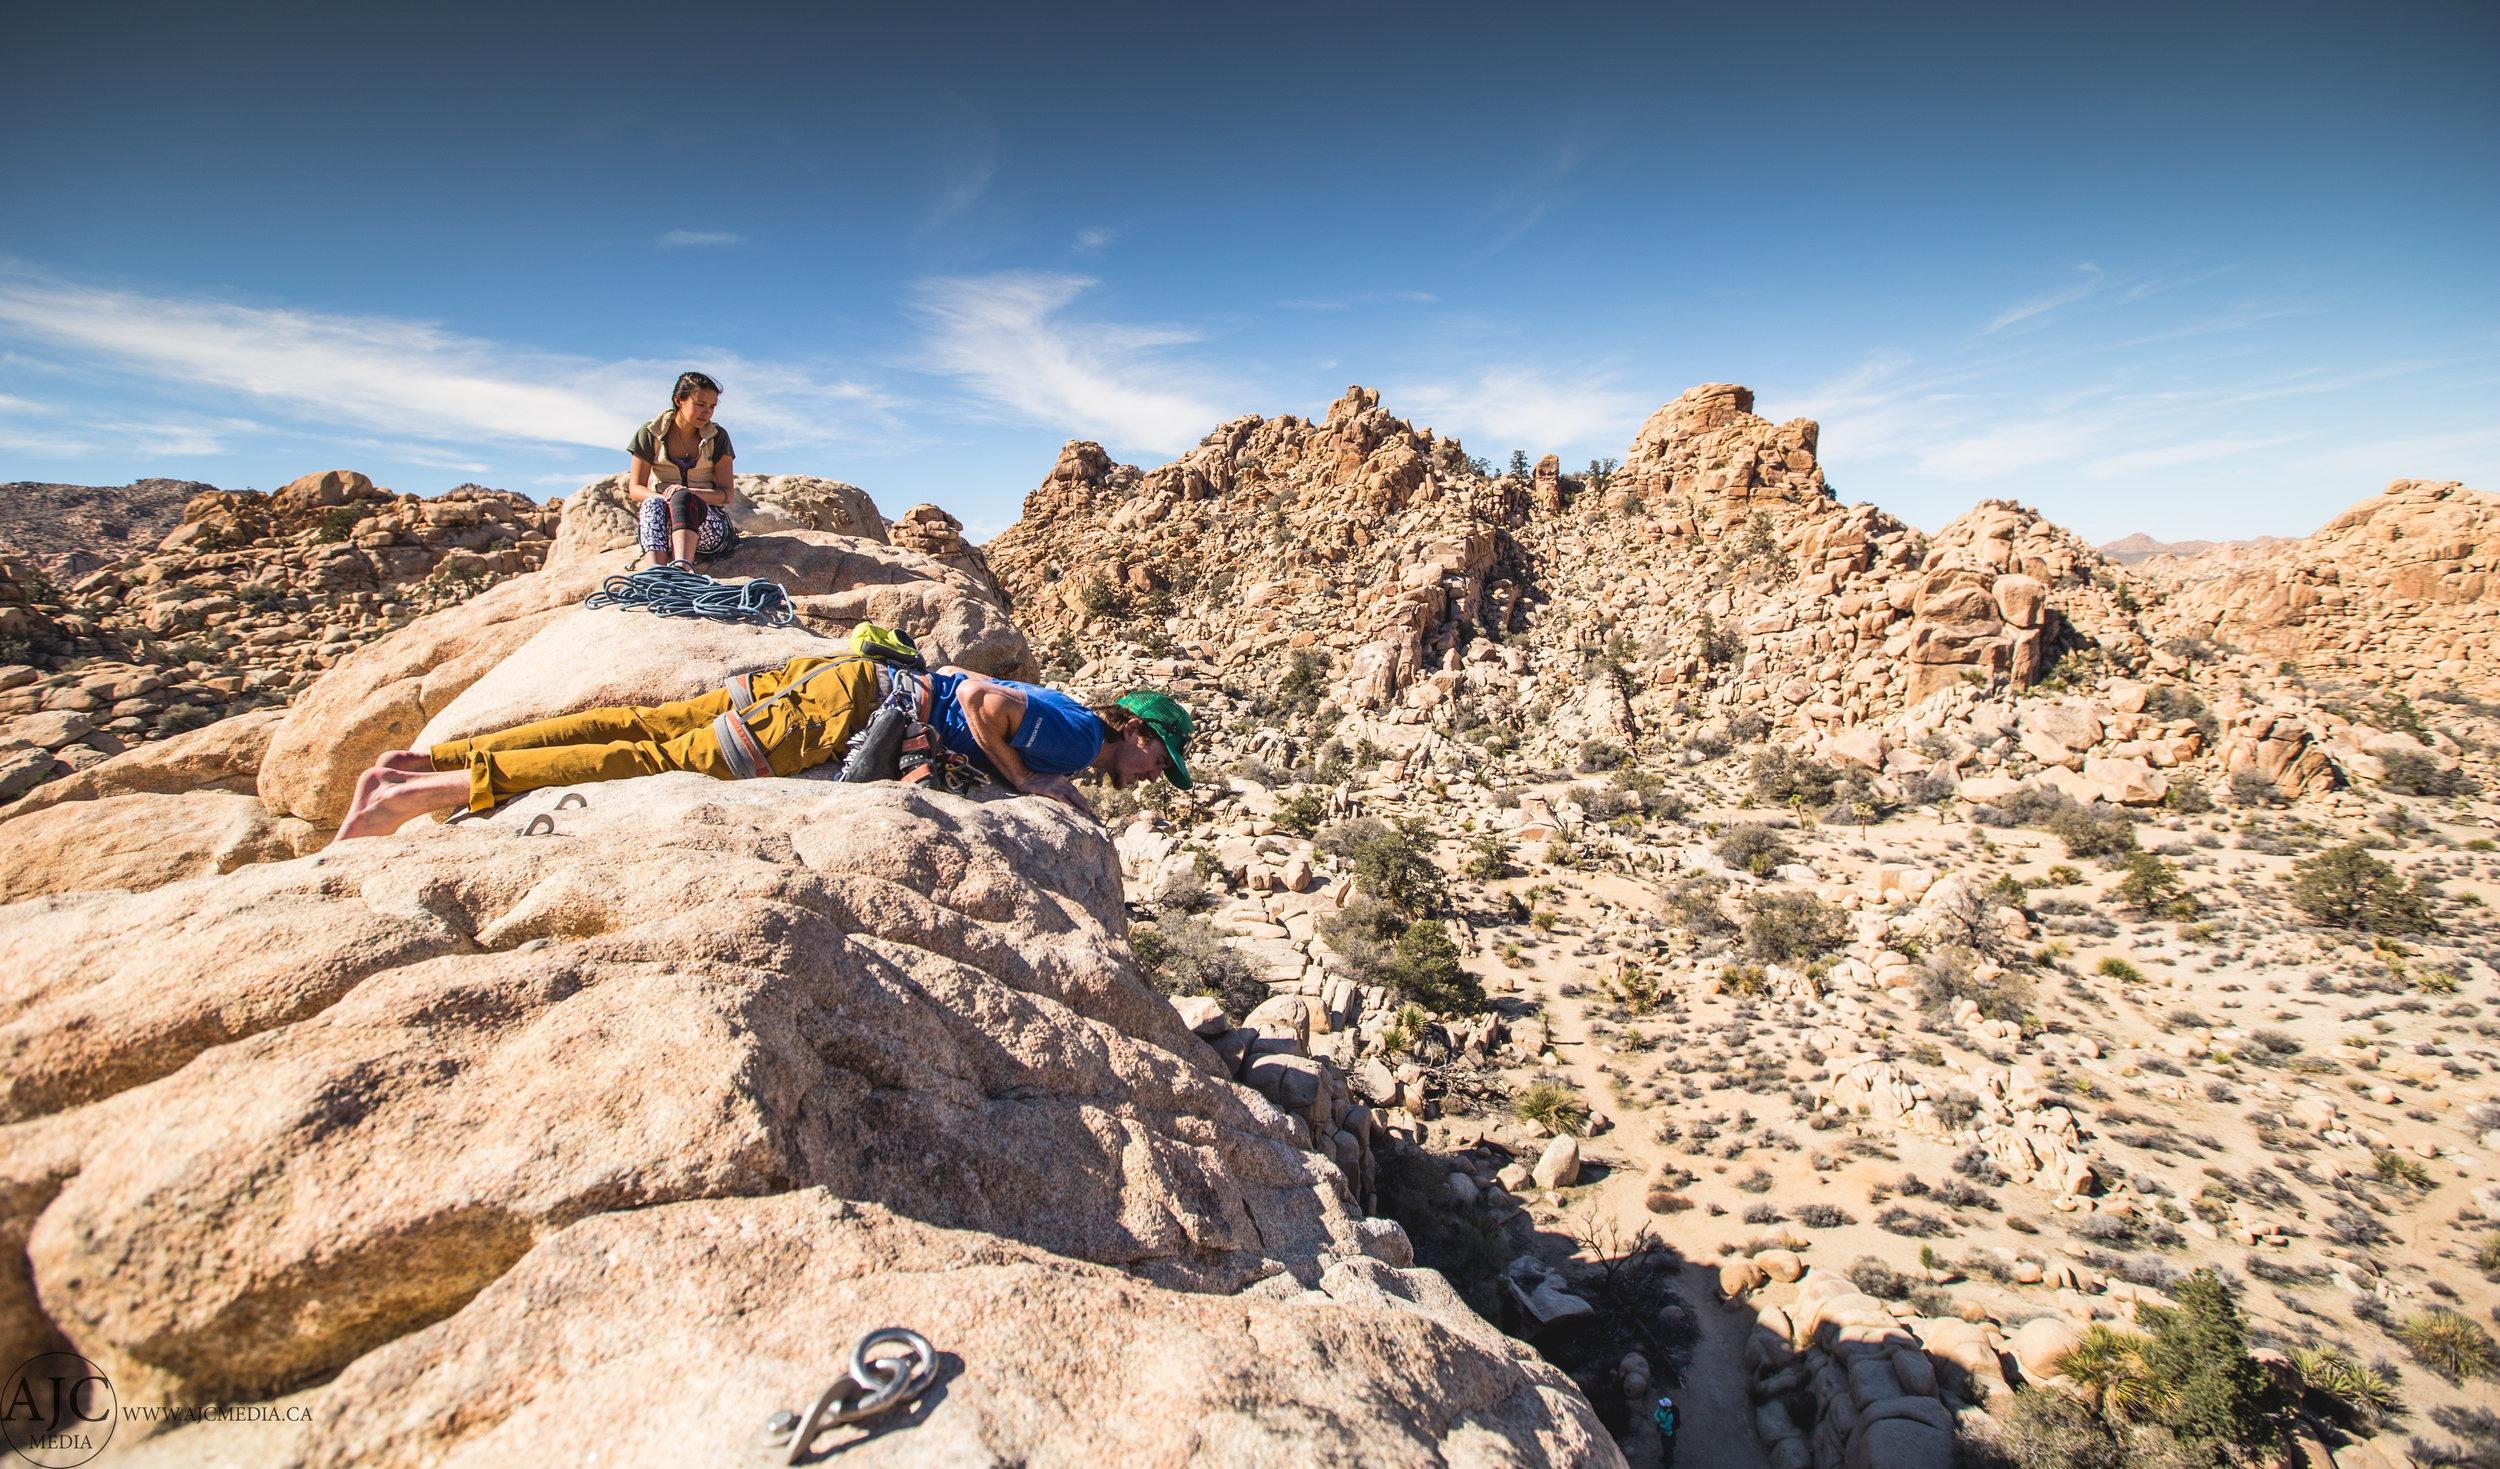 Our intrepid couple surveys their latest kill (climb).